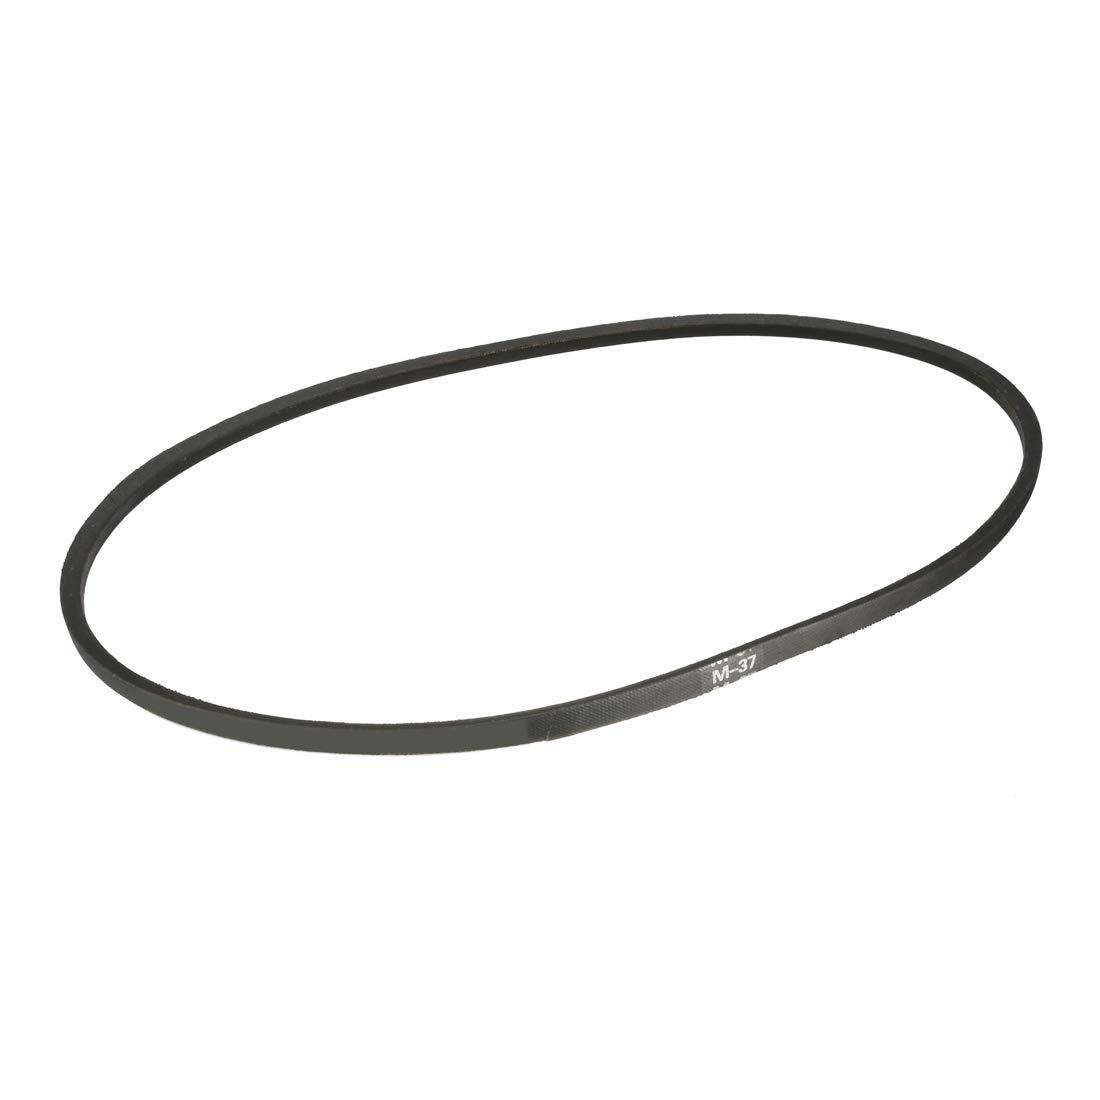 uxcell/® K-22 V Belt Machine Transmission Rubber,Black Replacement Drive Belt.